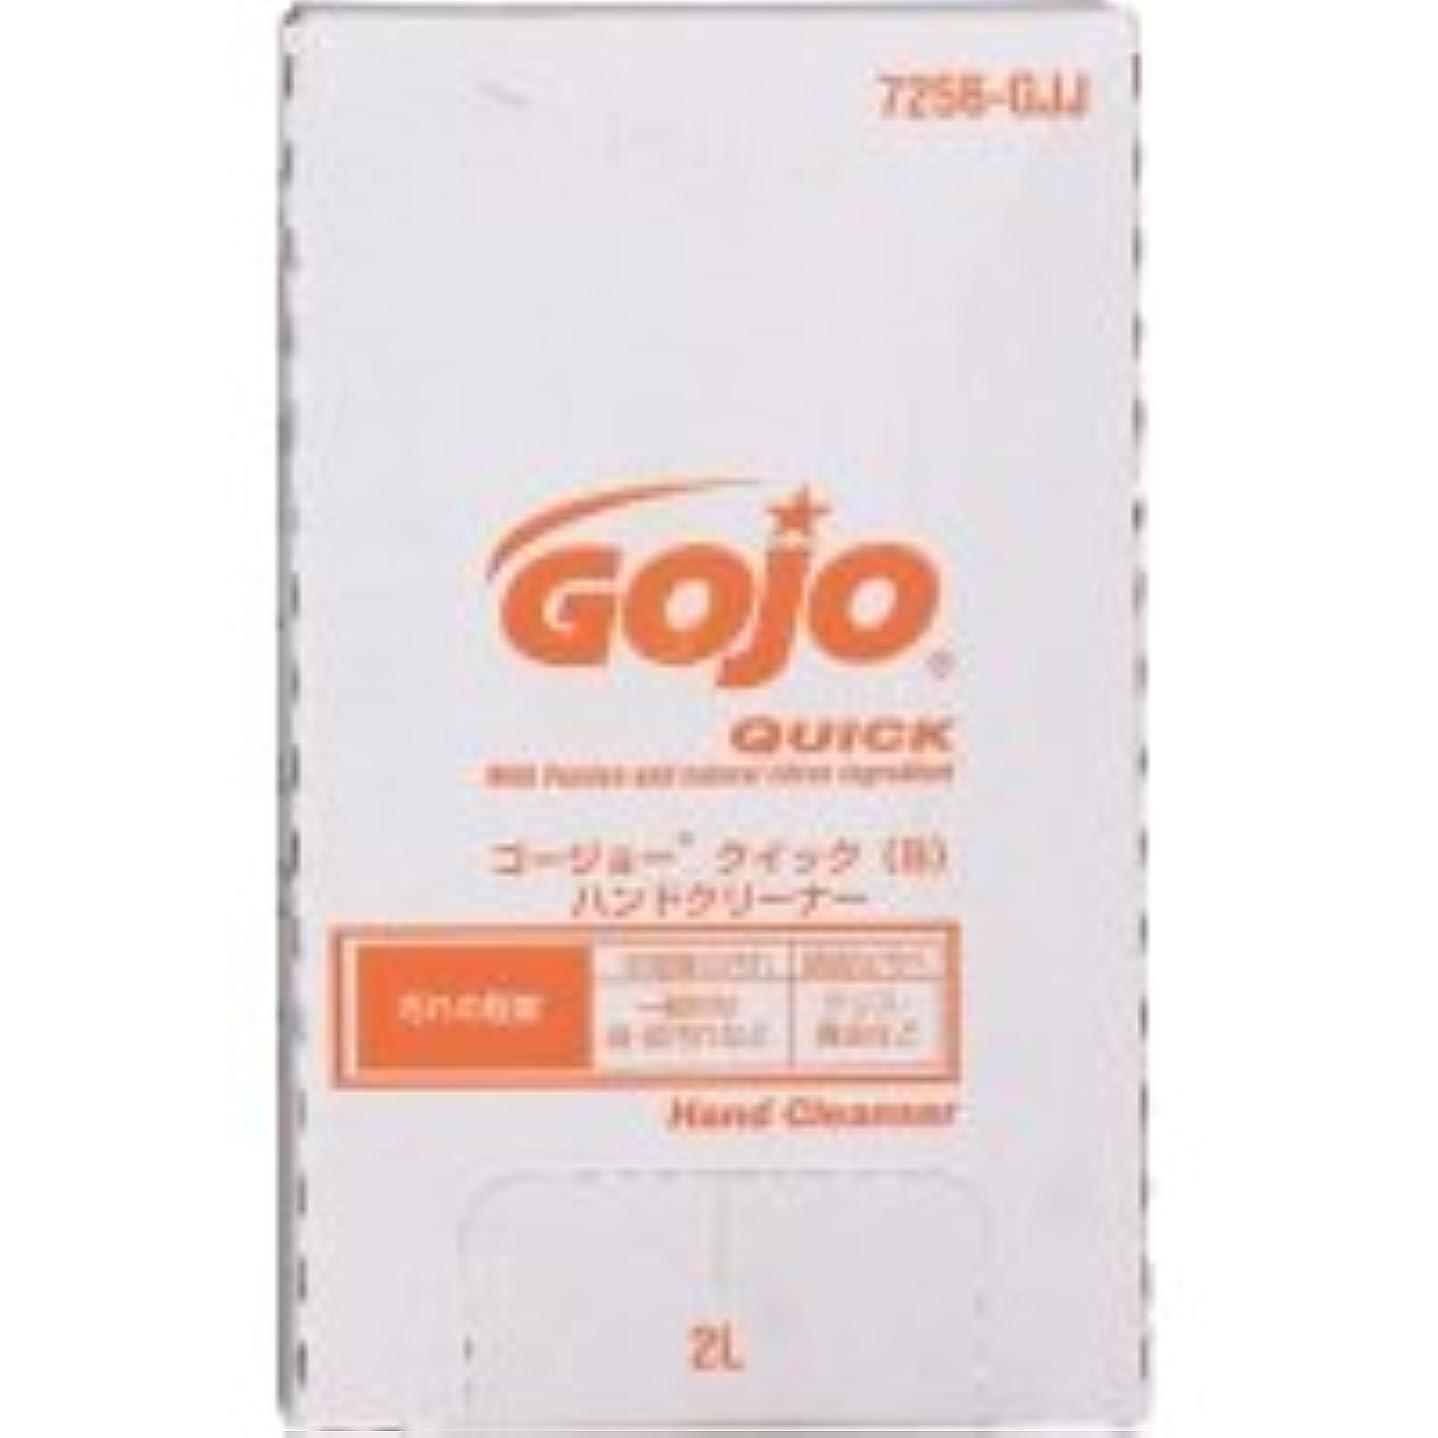 セントスラム街絵GOJO クイック(S)ハンドクリーナー ディスペンサー用 2000ml 1個